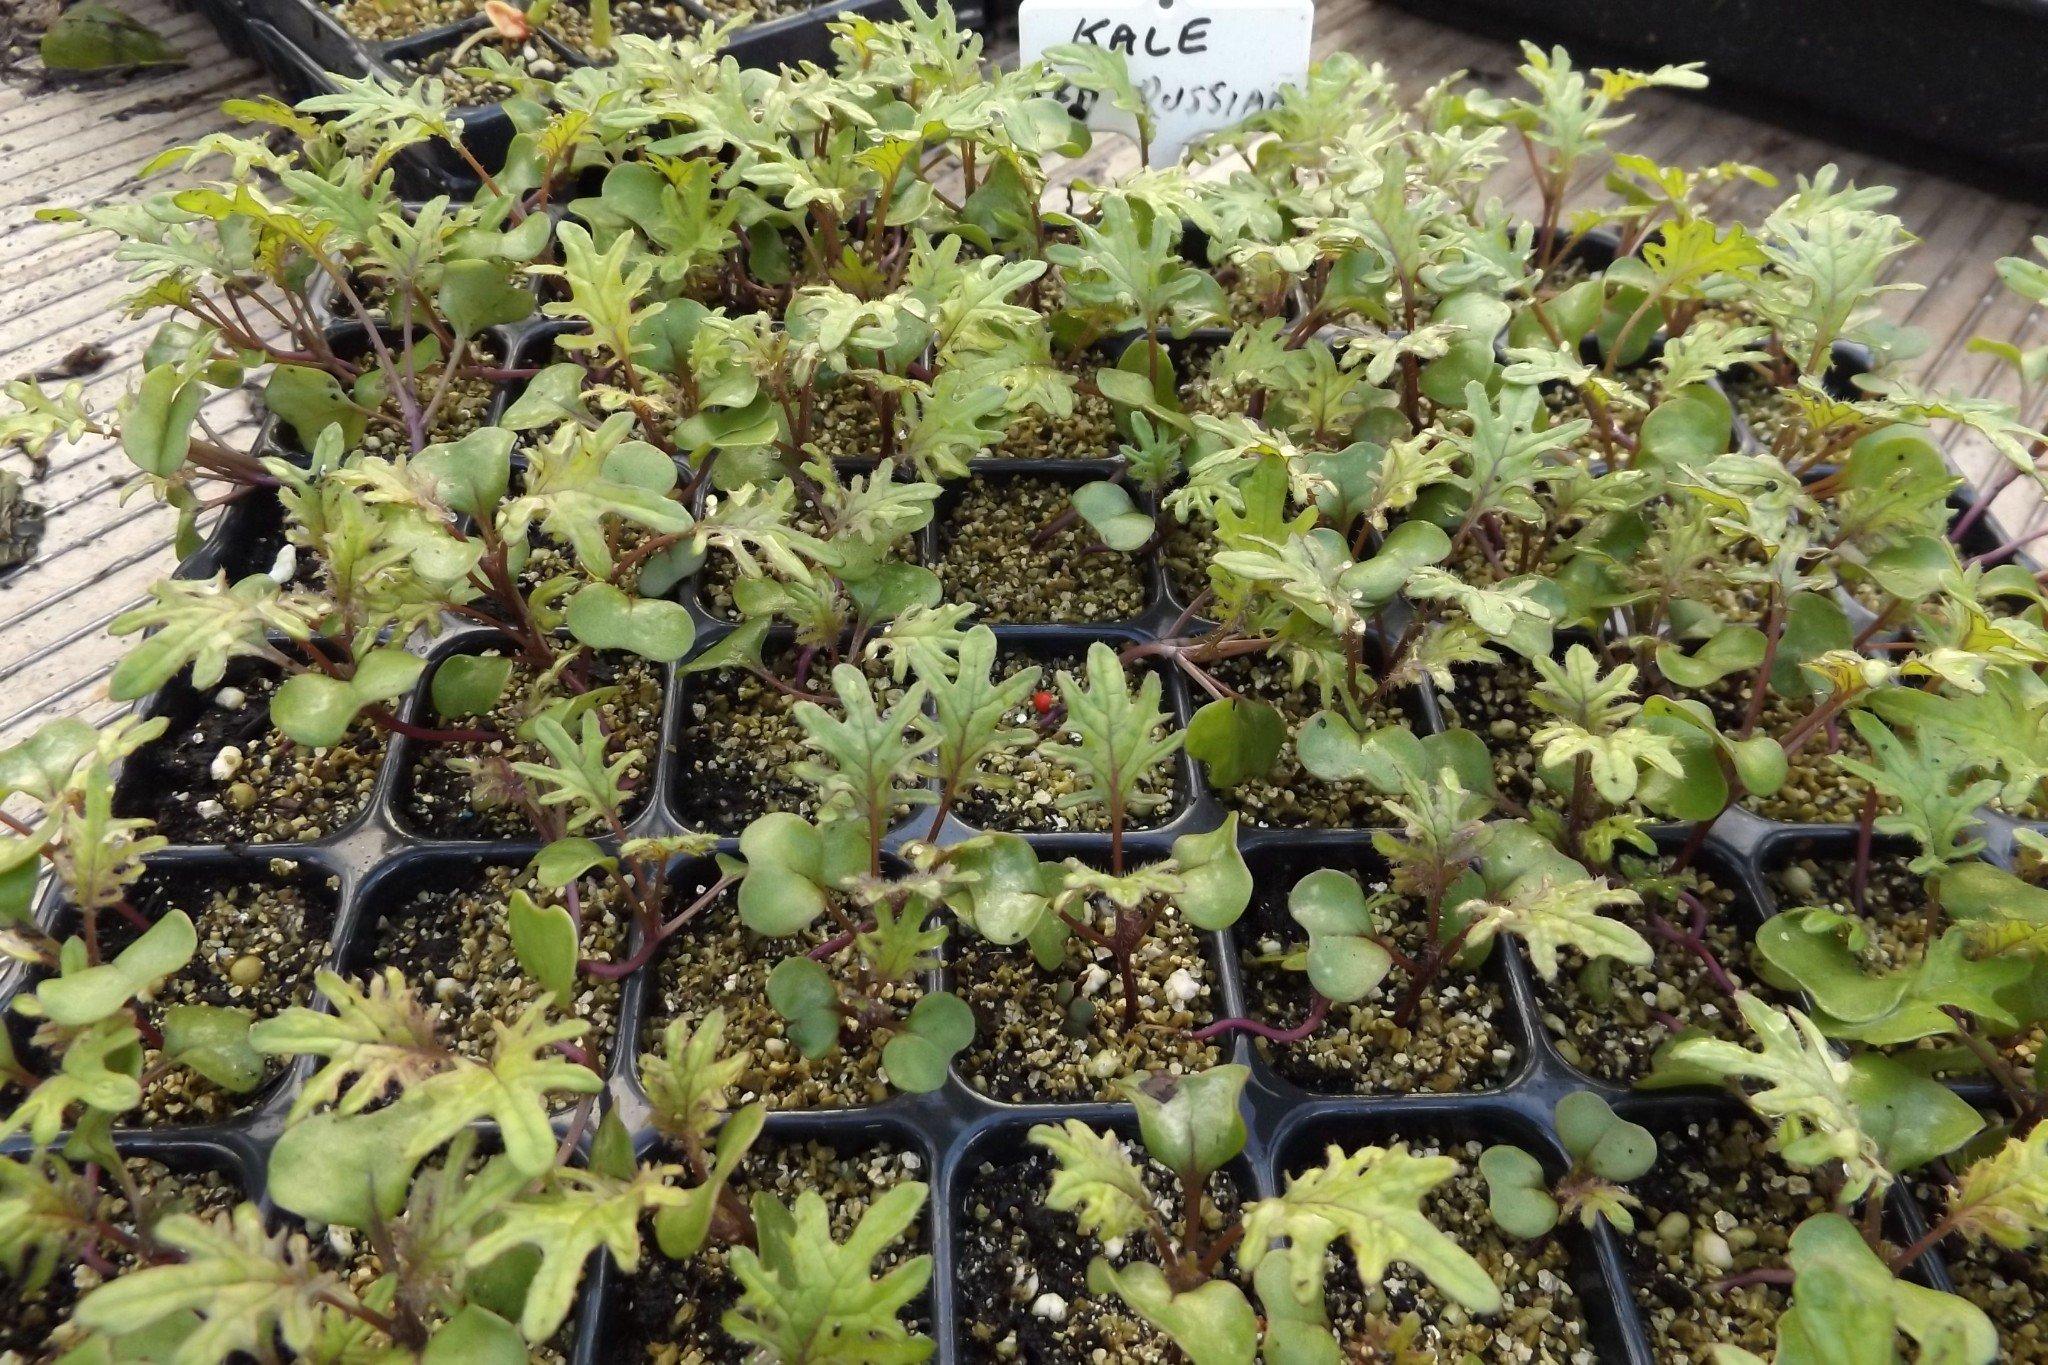 Seedlings: Kale varieties